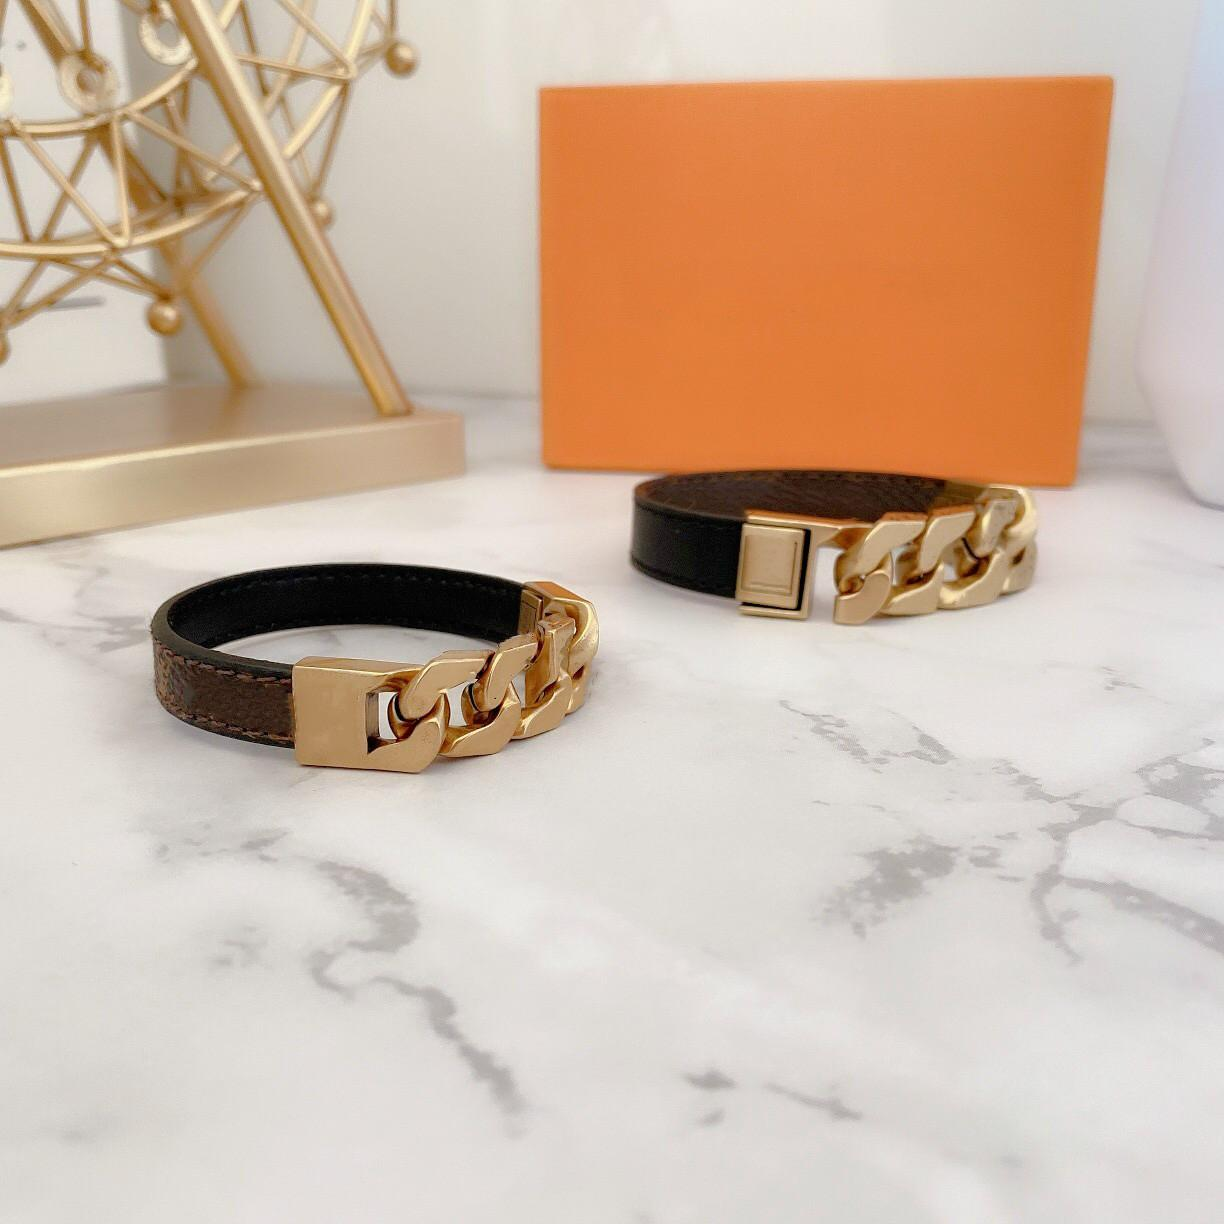 حار بيع 316l الفولاذ المقاوم للصدأ مجوهرات الحب قفل الخامس أساور أساور pulseiras أساور جلدية للنساء / الرجال المجوهرات